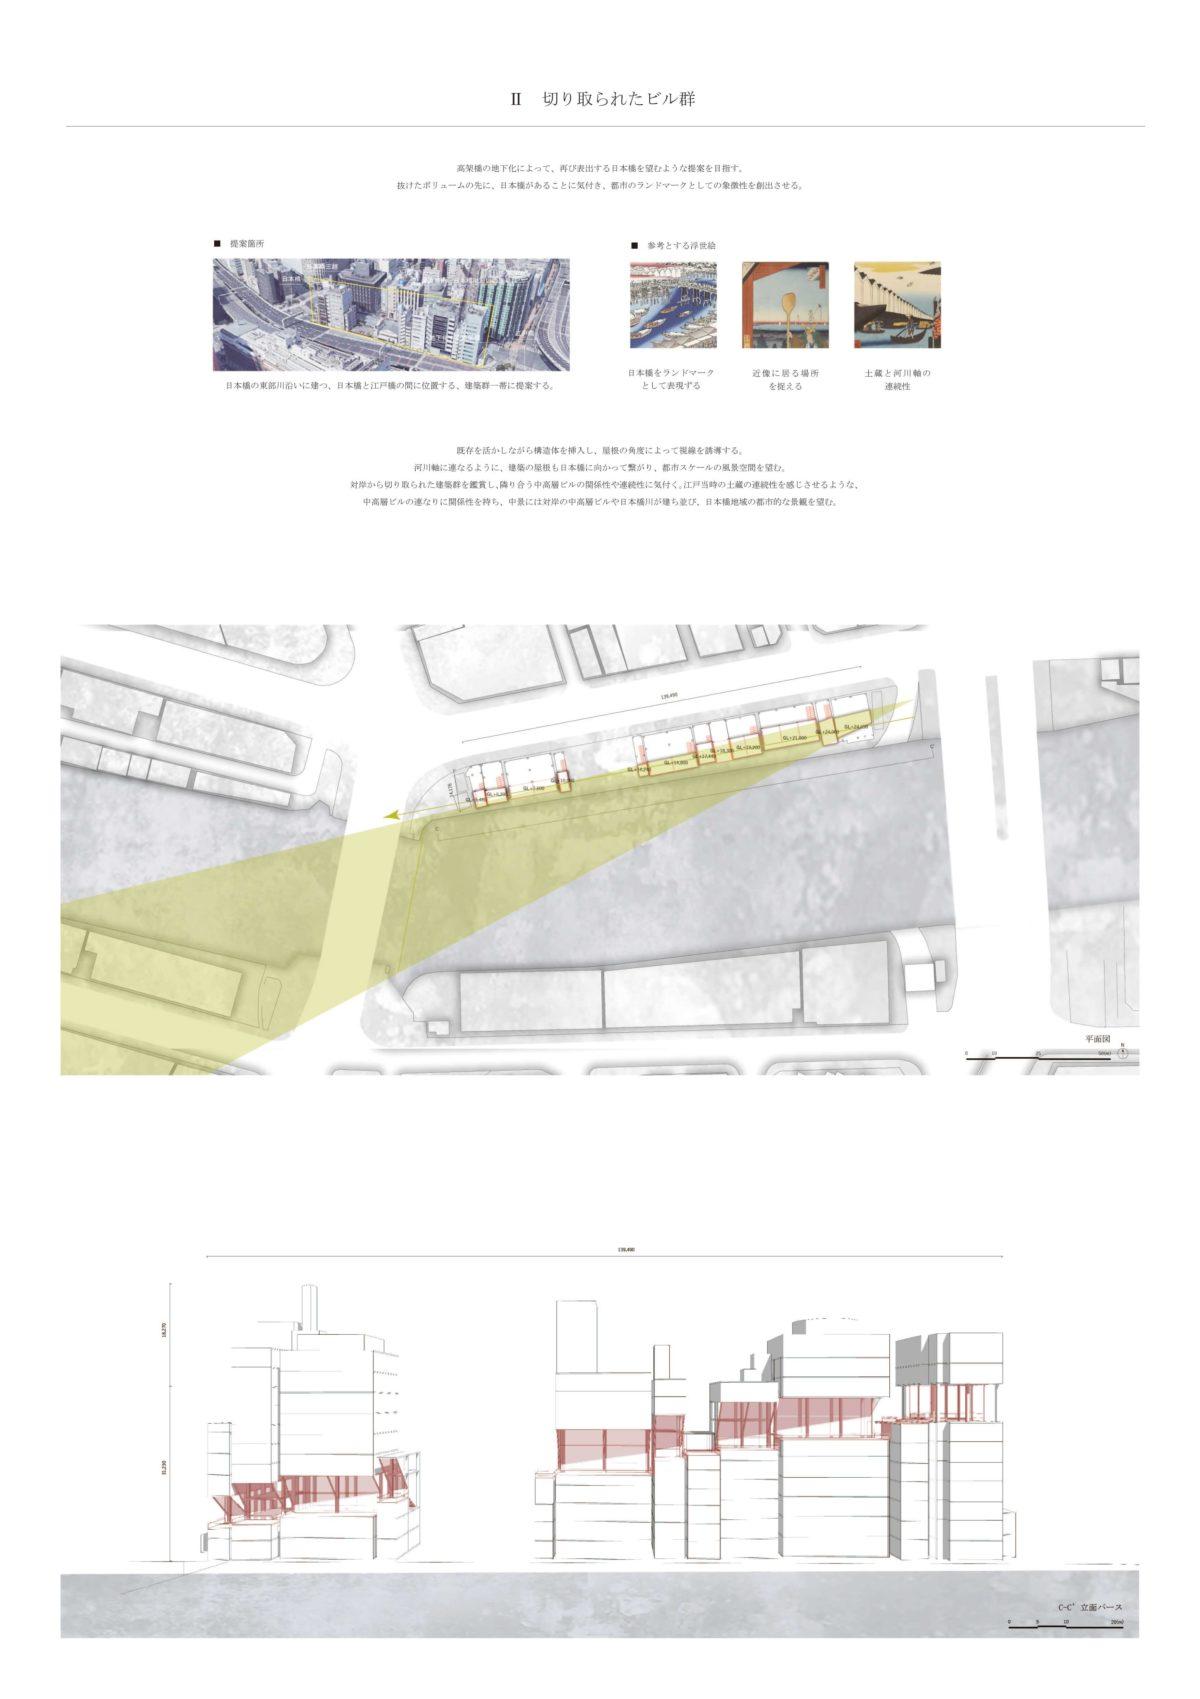 風景を想起する第五世代美術館建築 -歌川広重による名所江戸百景の分析を通して--7